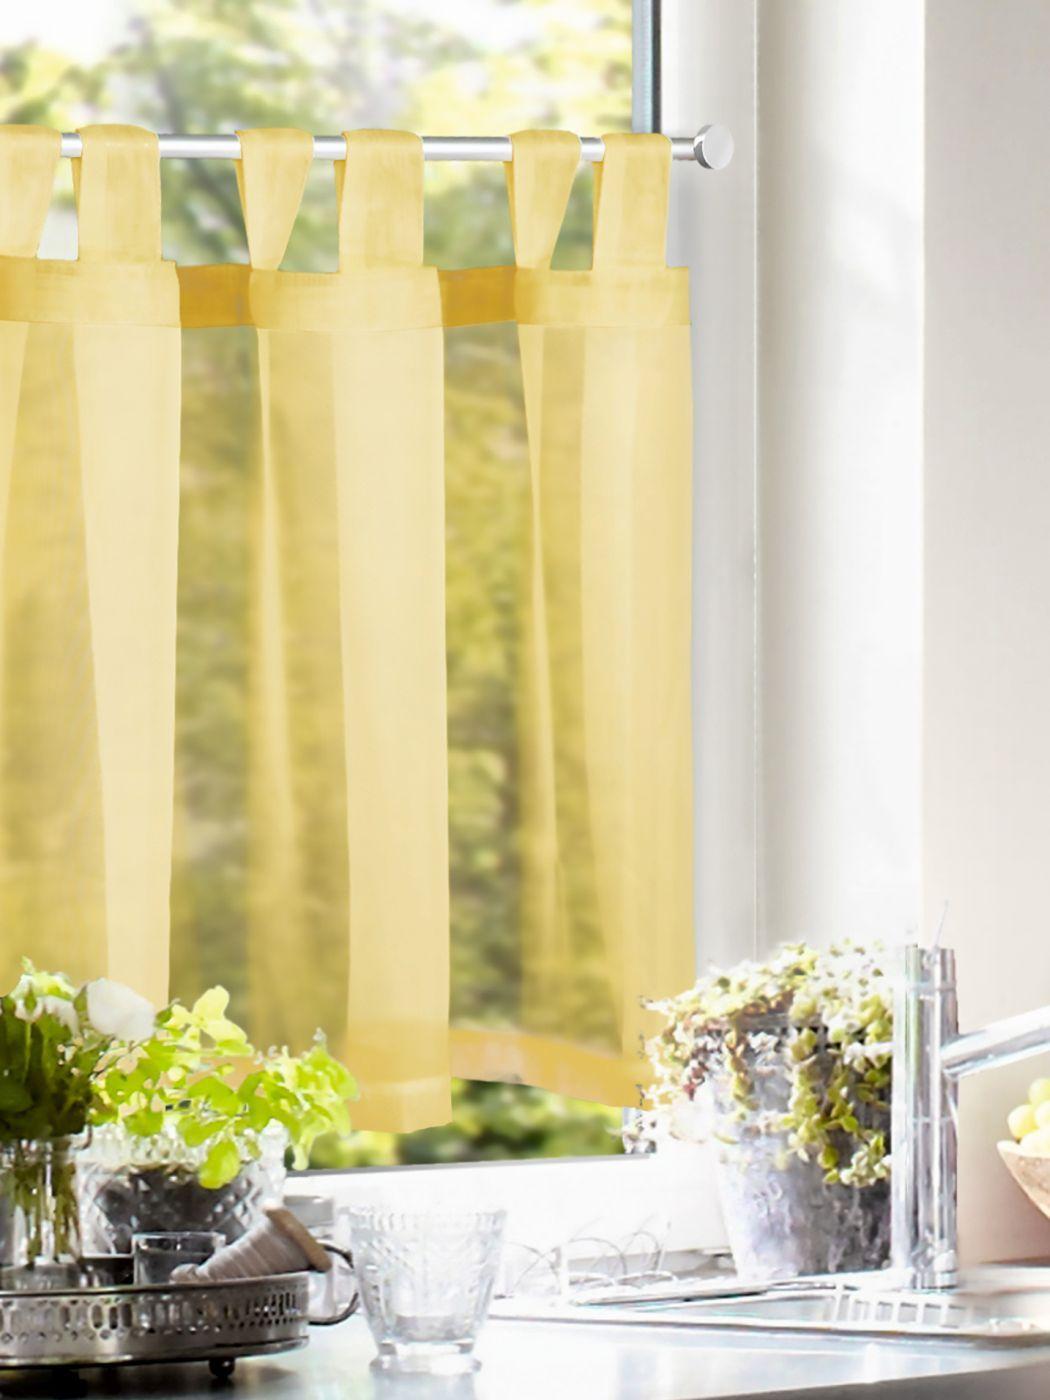 Full Size of Scheibengardine Kchenvorhang Gelb Einfarbig Gardinen Outlet Wohnzimmer Küchengardinen